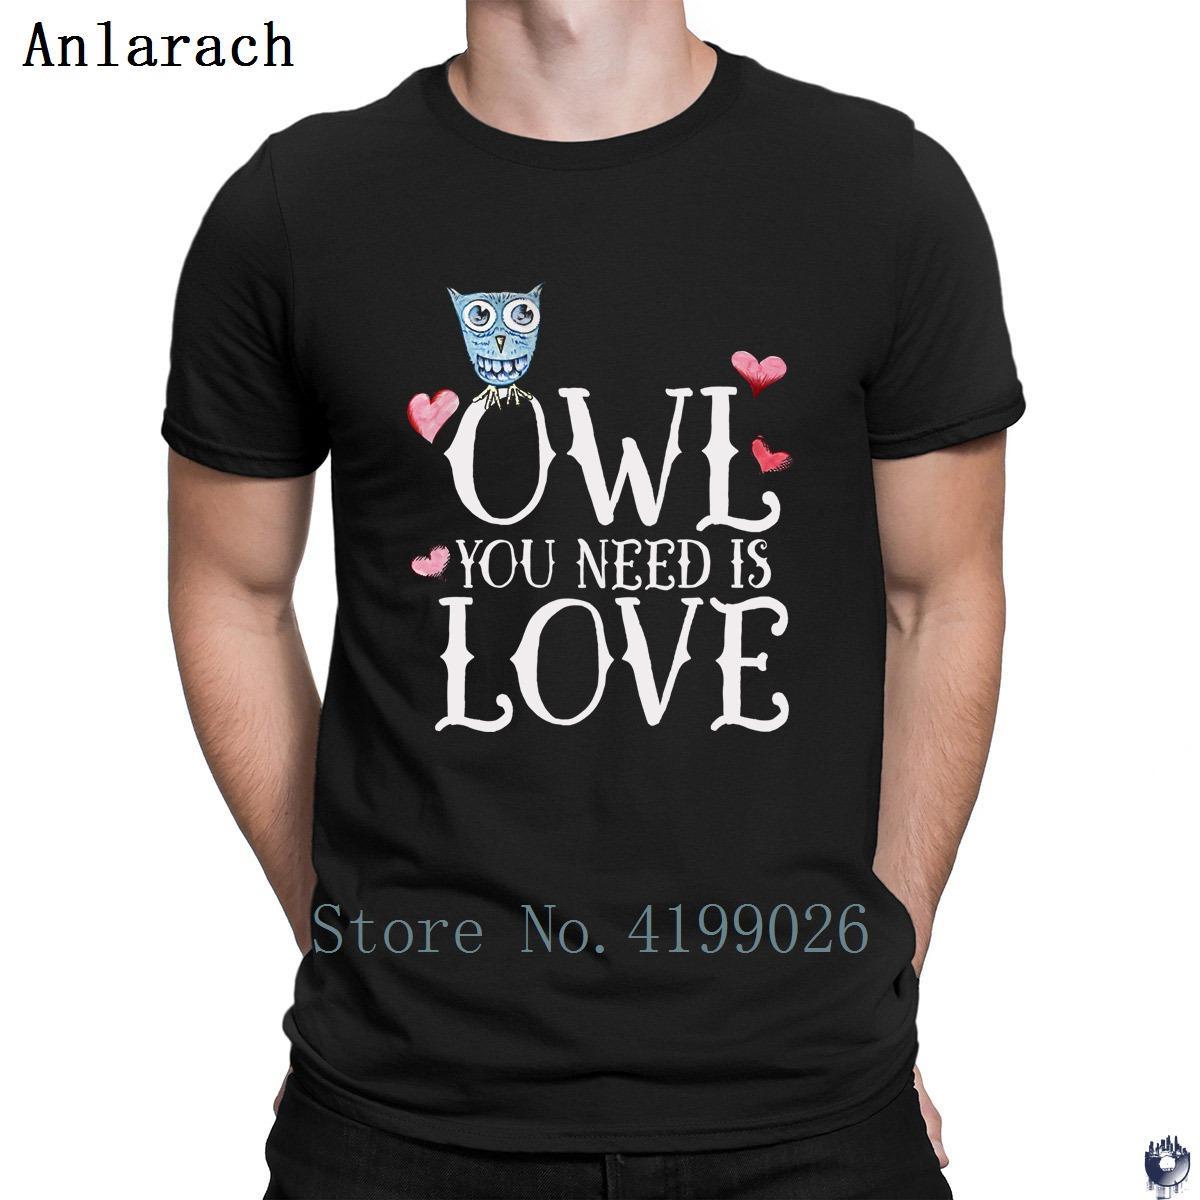 OWL que necesitas es amor camiseta 2018 camiseta personalidad de Hip Top nuevo estilo O-Cuello de los hombres del traje de la novedad anti-arrugas